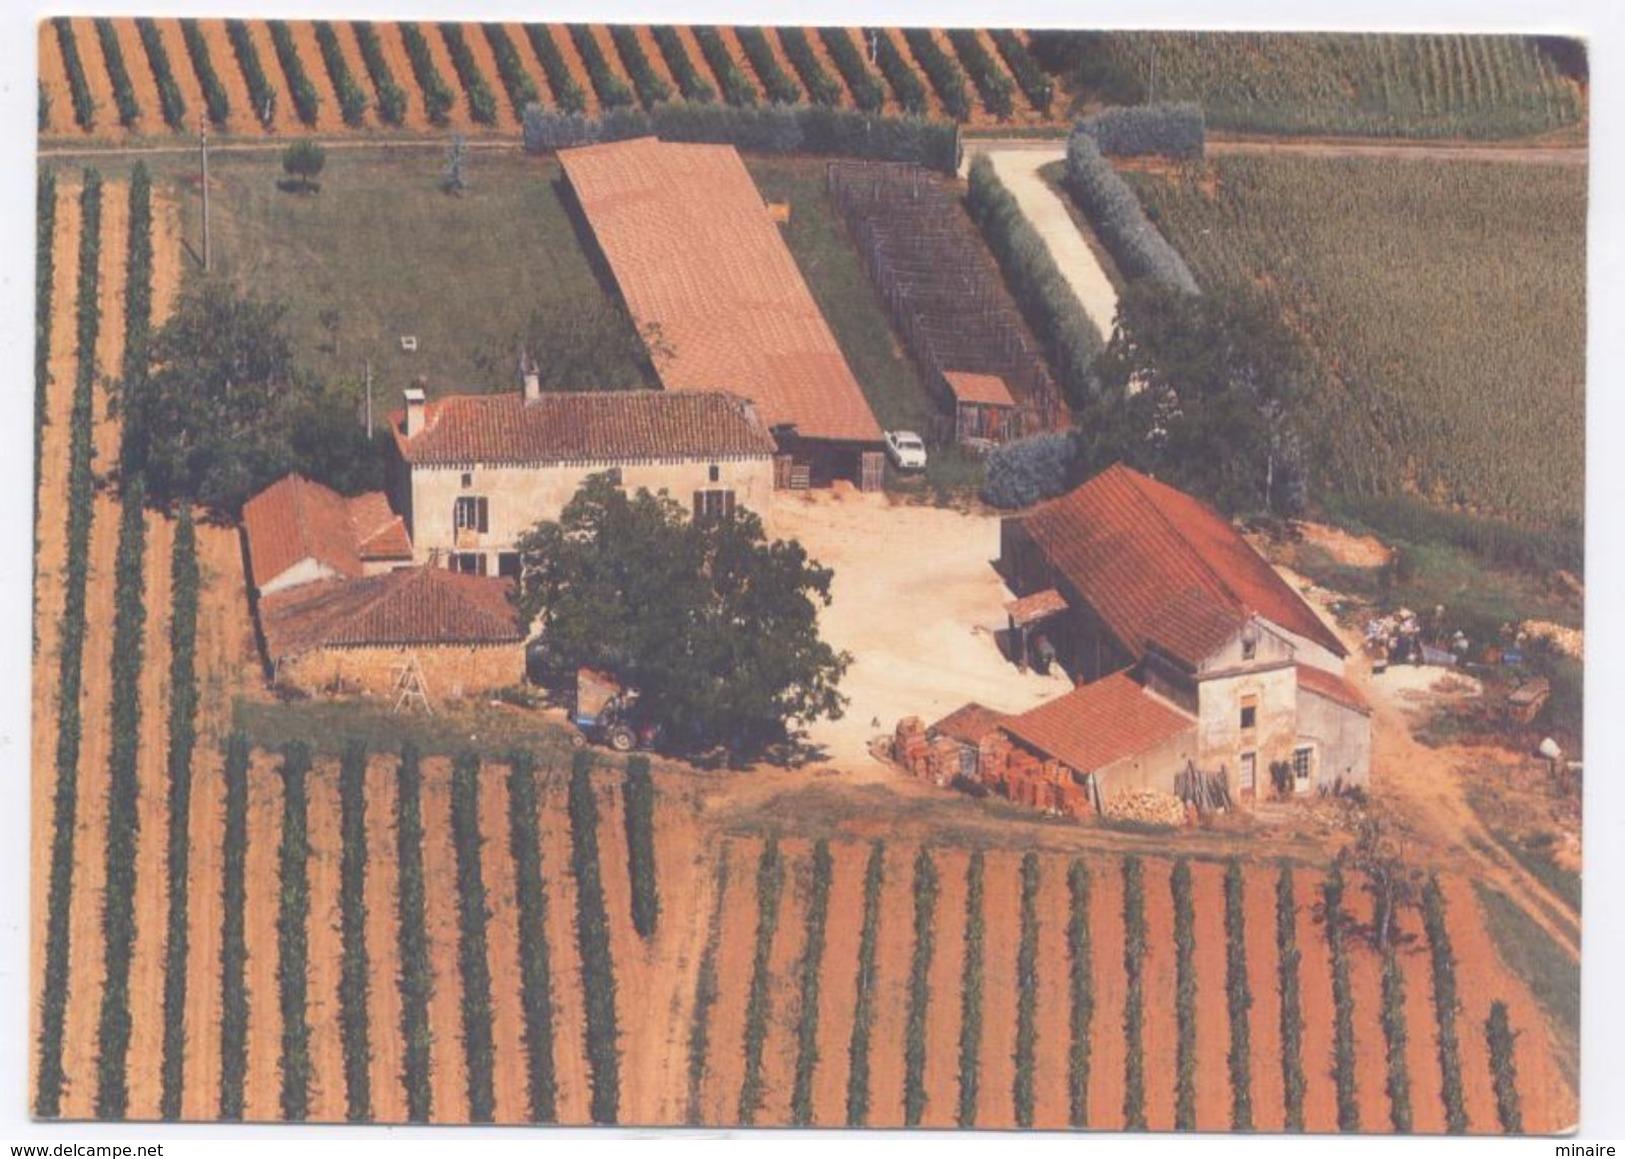 DURAVEL Près Puy L'Evêque- Domaine Du Port / Vin De Cahors Jacques Duchamp - France